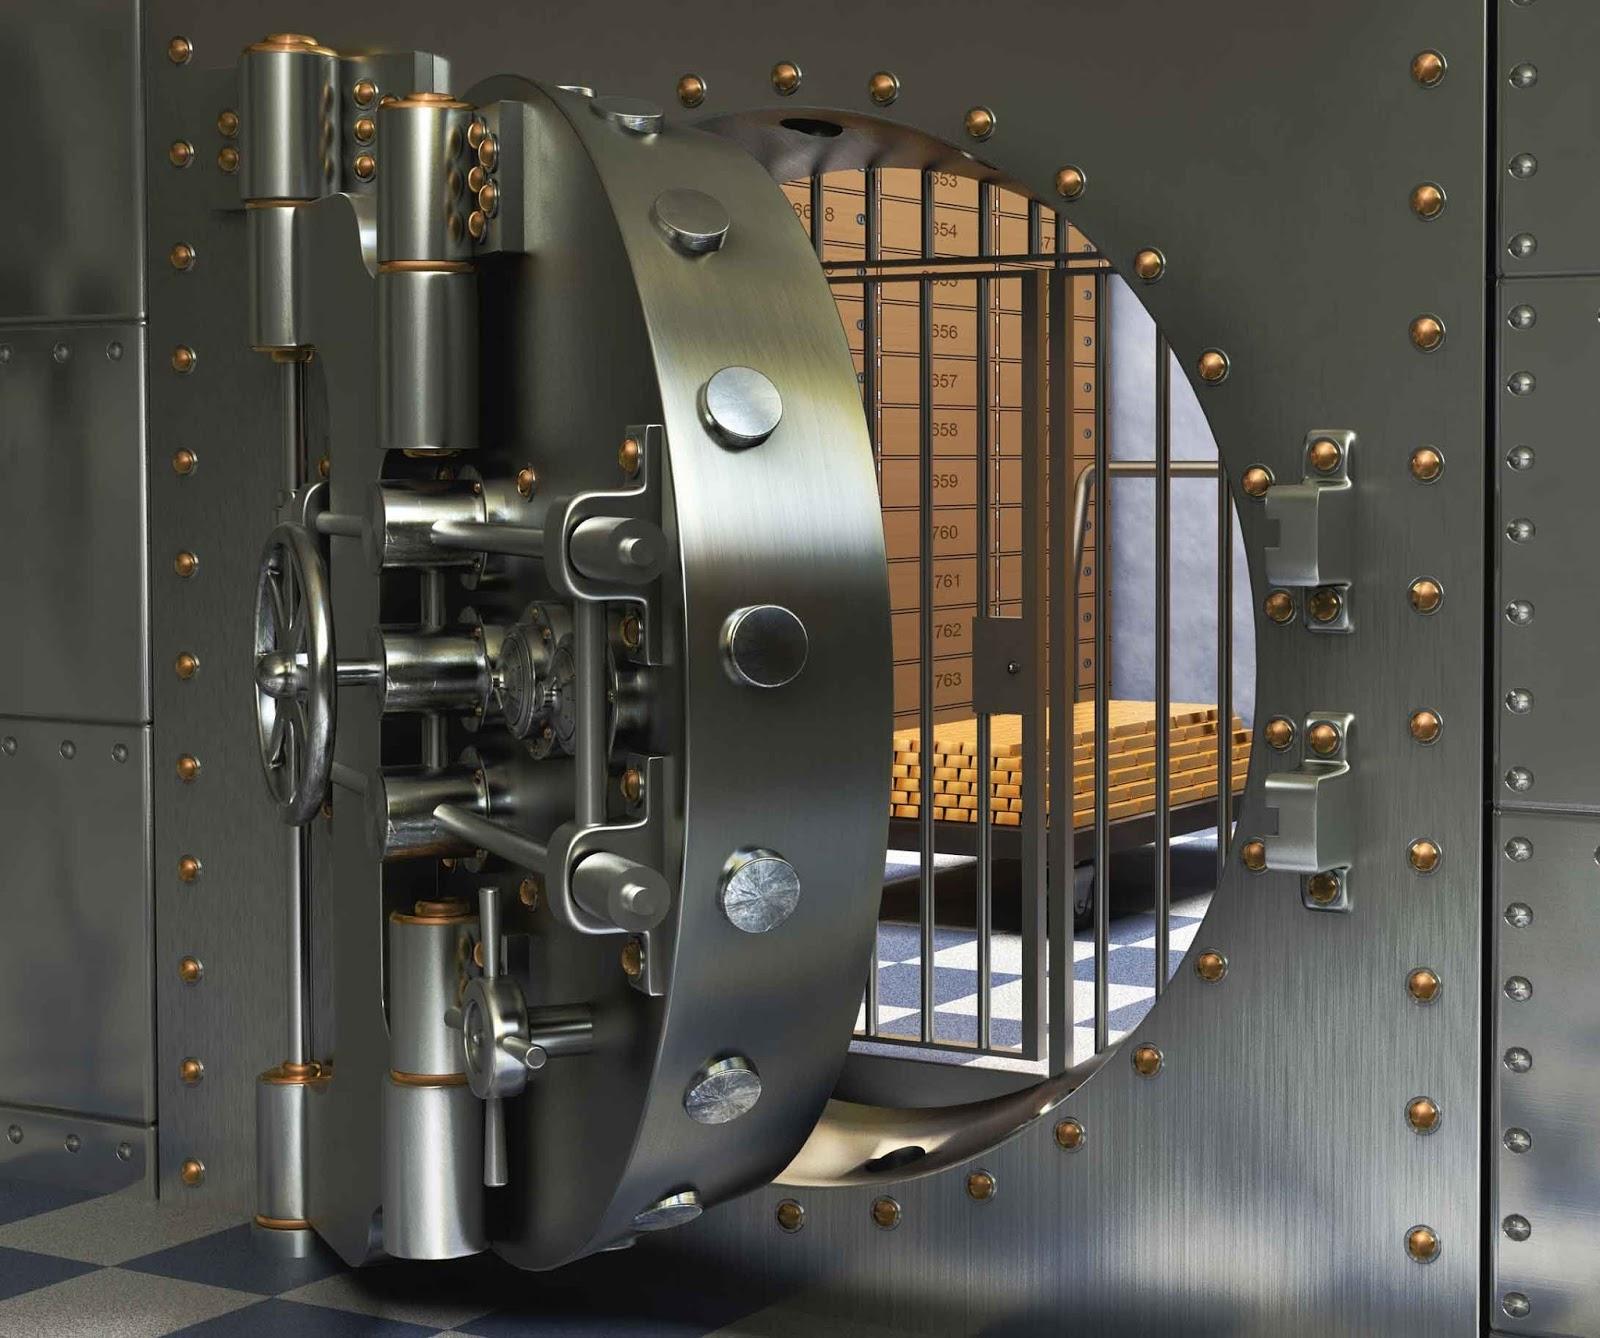 garantie financière achat immobilier